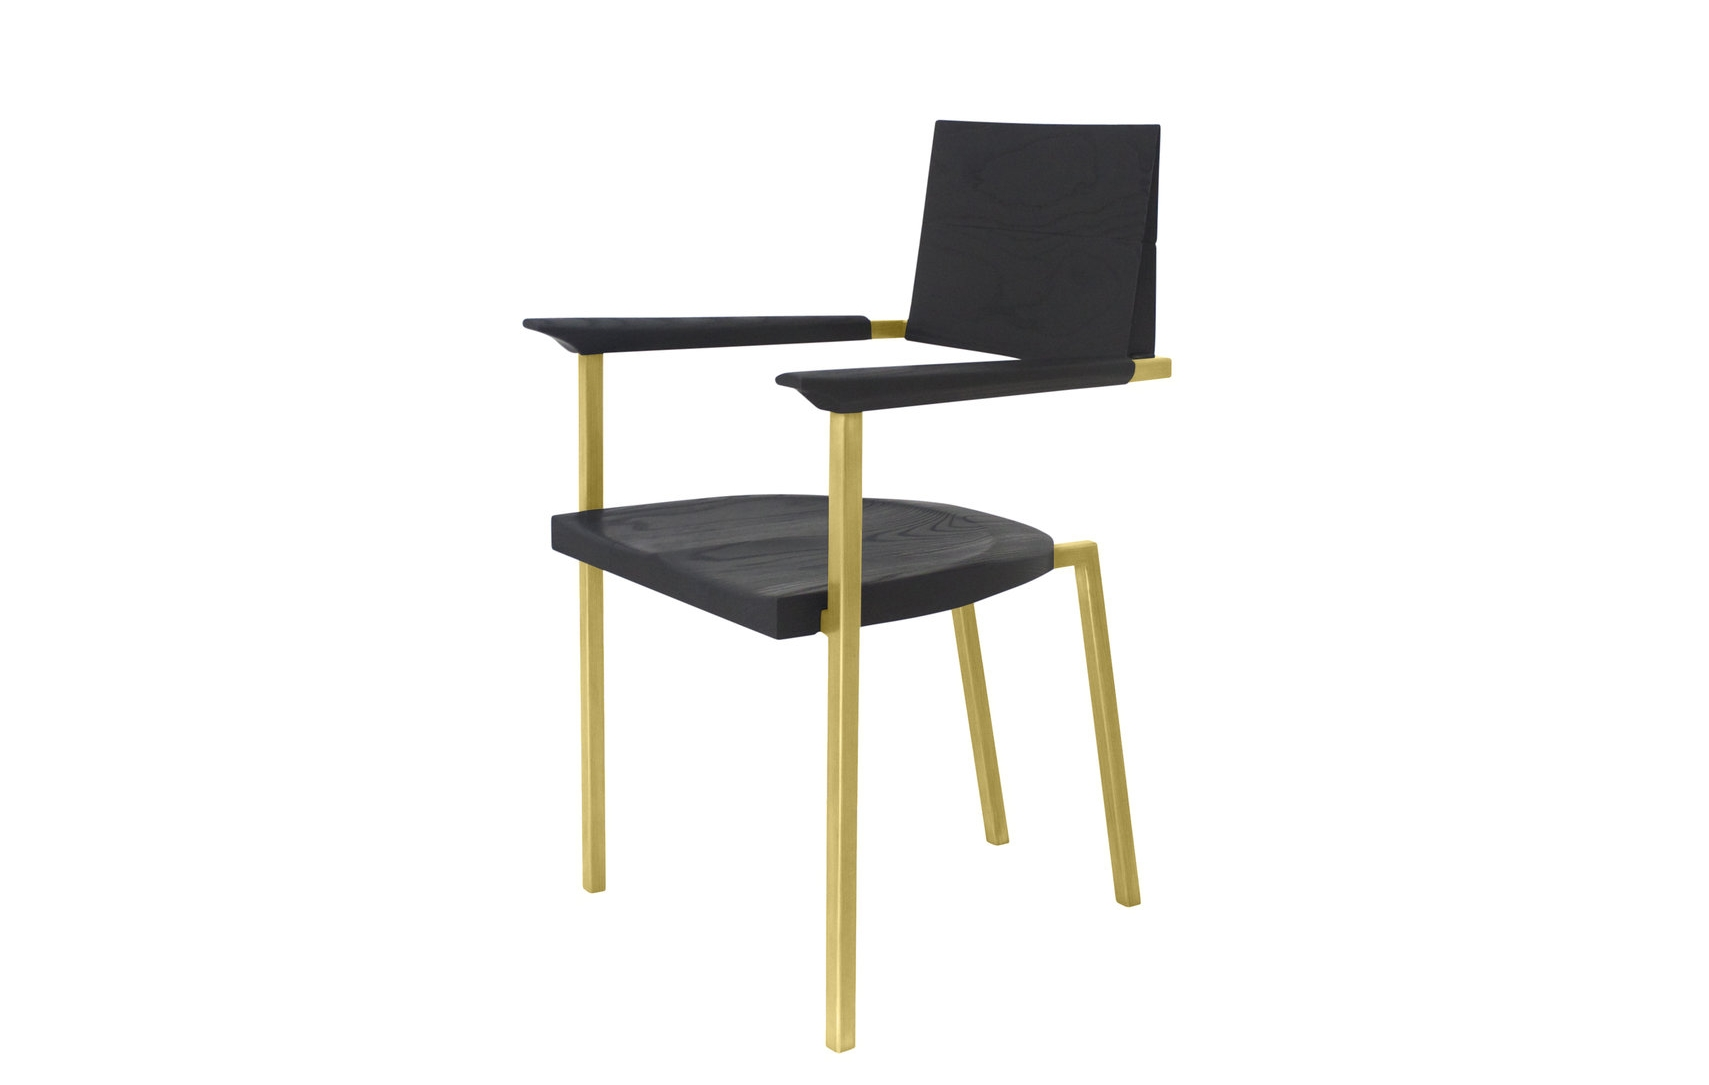 Stefan Rurak_Black Steel Chair_Charred_9.25.2018.jpg